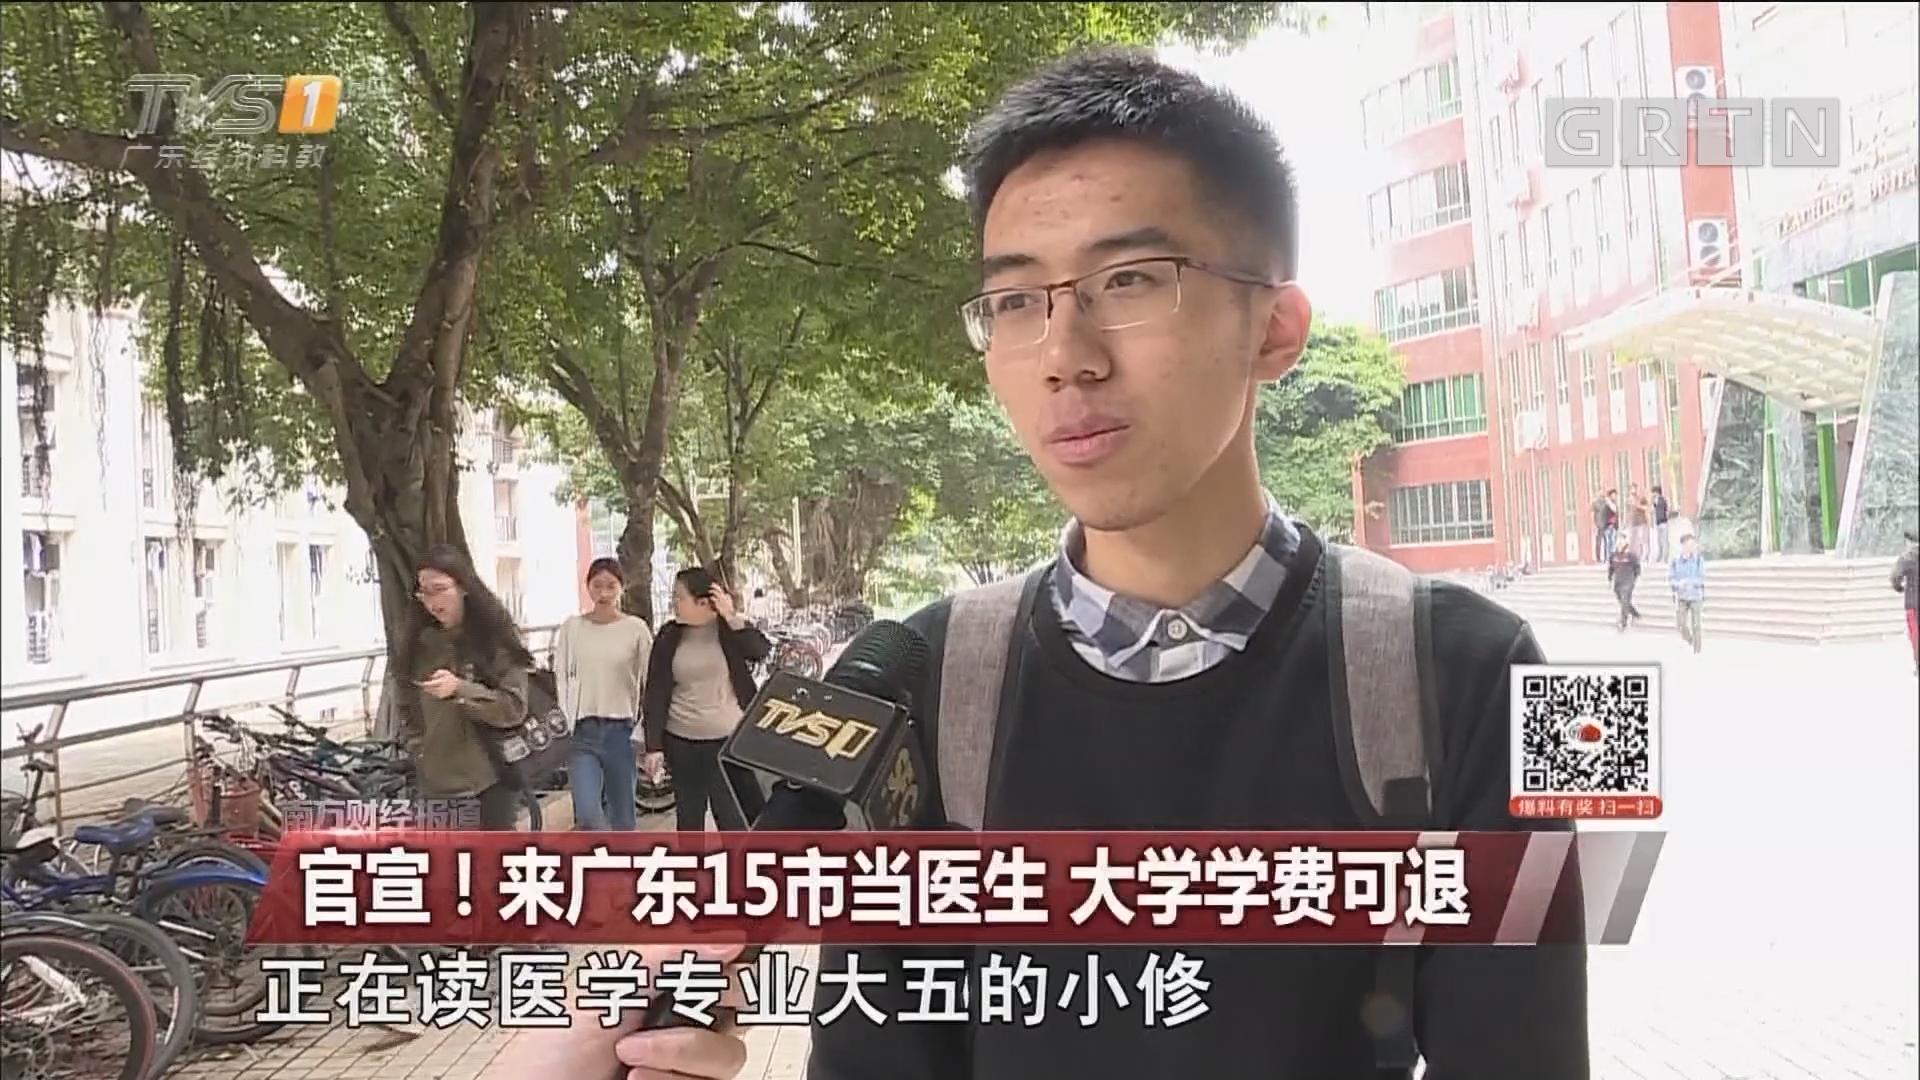 官宣!来广东15市当医生 大学学费可退